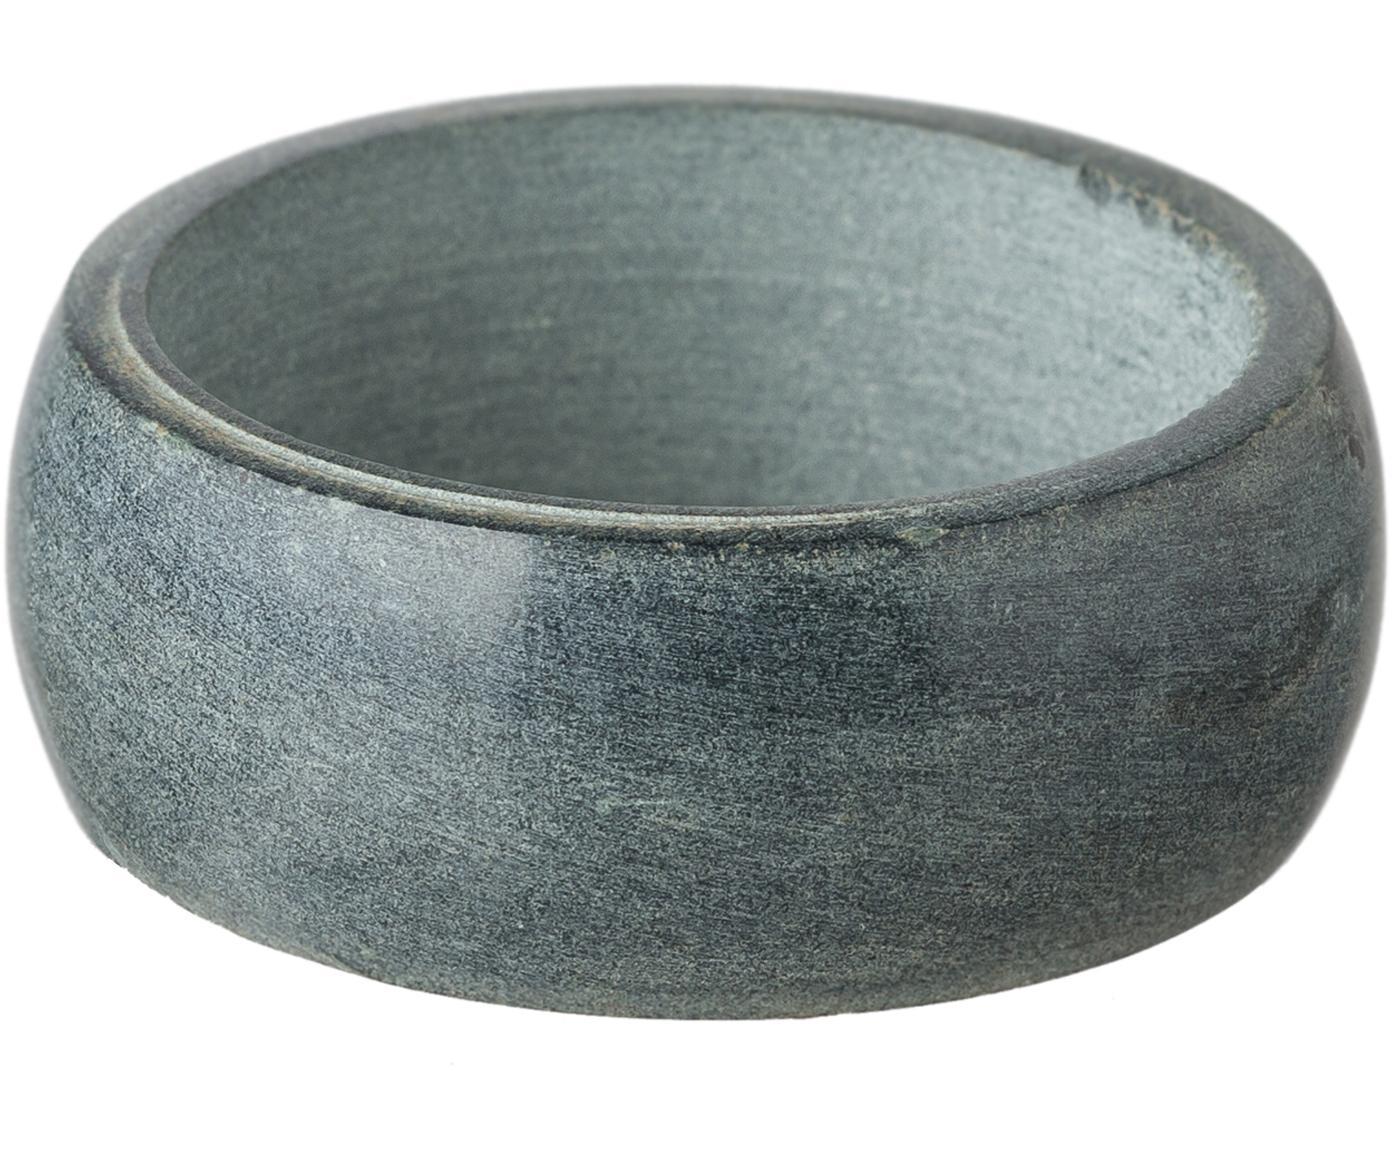 Obrączka na serwetkę Soap Stone, 6szt., Skała wapienna, Antracytowy, Ø 5 x W 2 cm